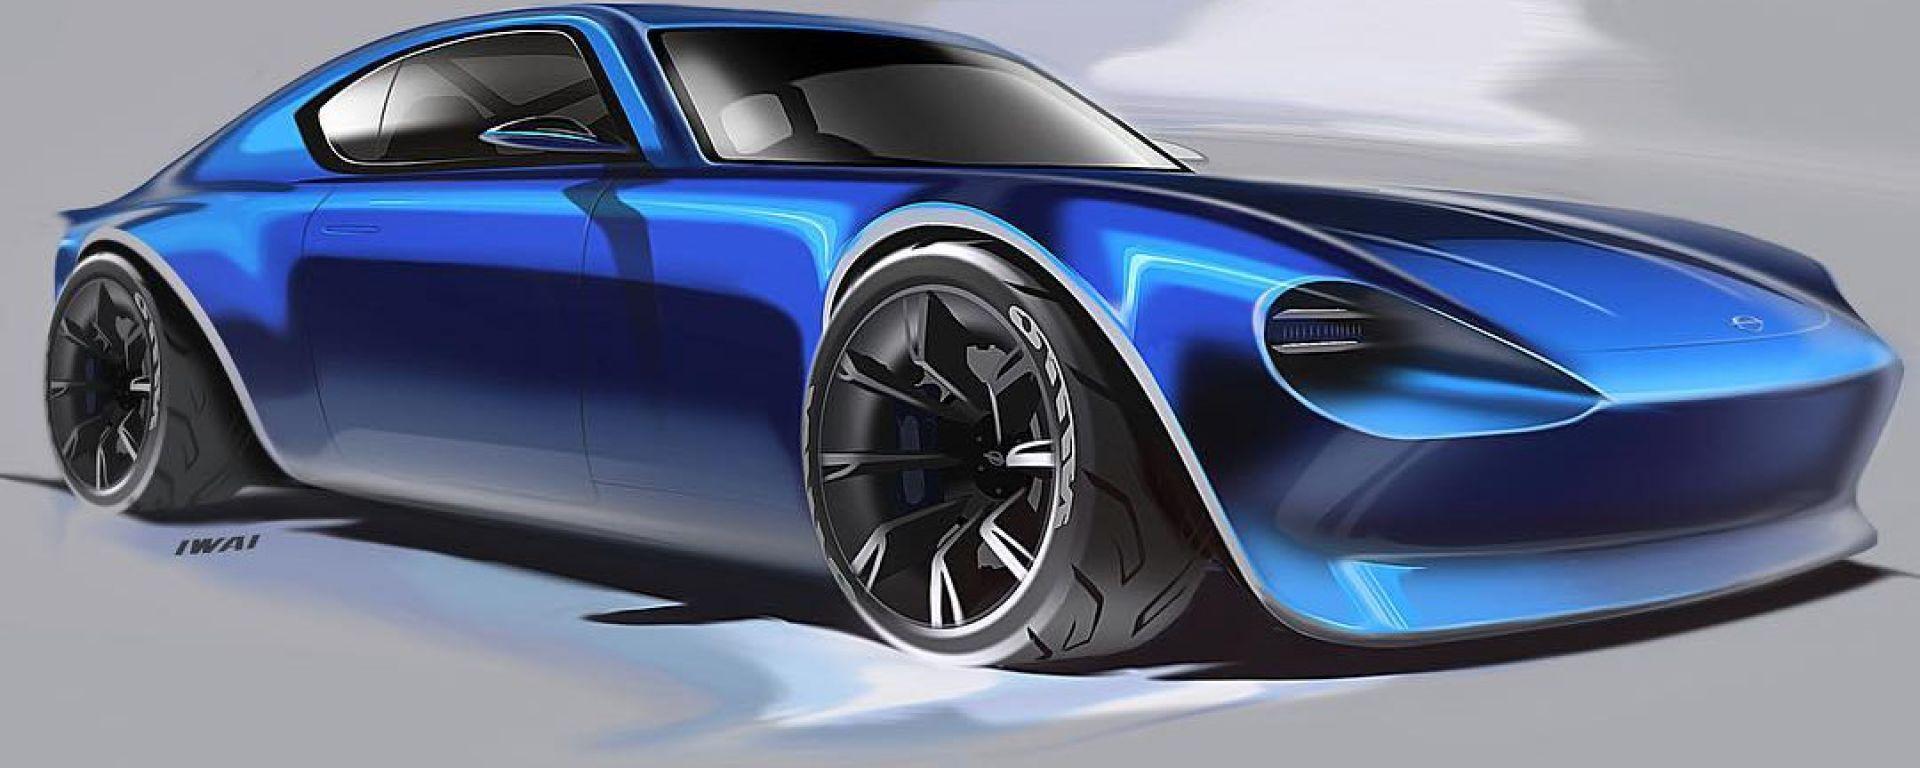 Nuova Nissan 370Z: la futura sportiva potrebbe avere un look retrò e montare un tremila bi-turbo da 400 CV